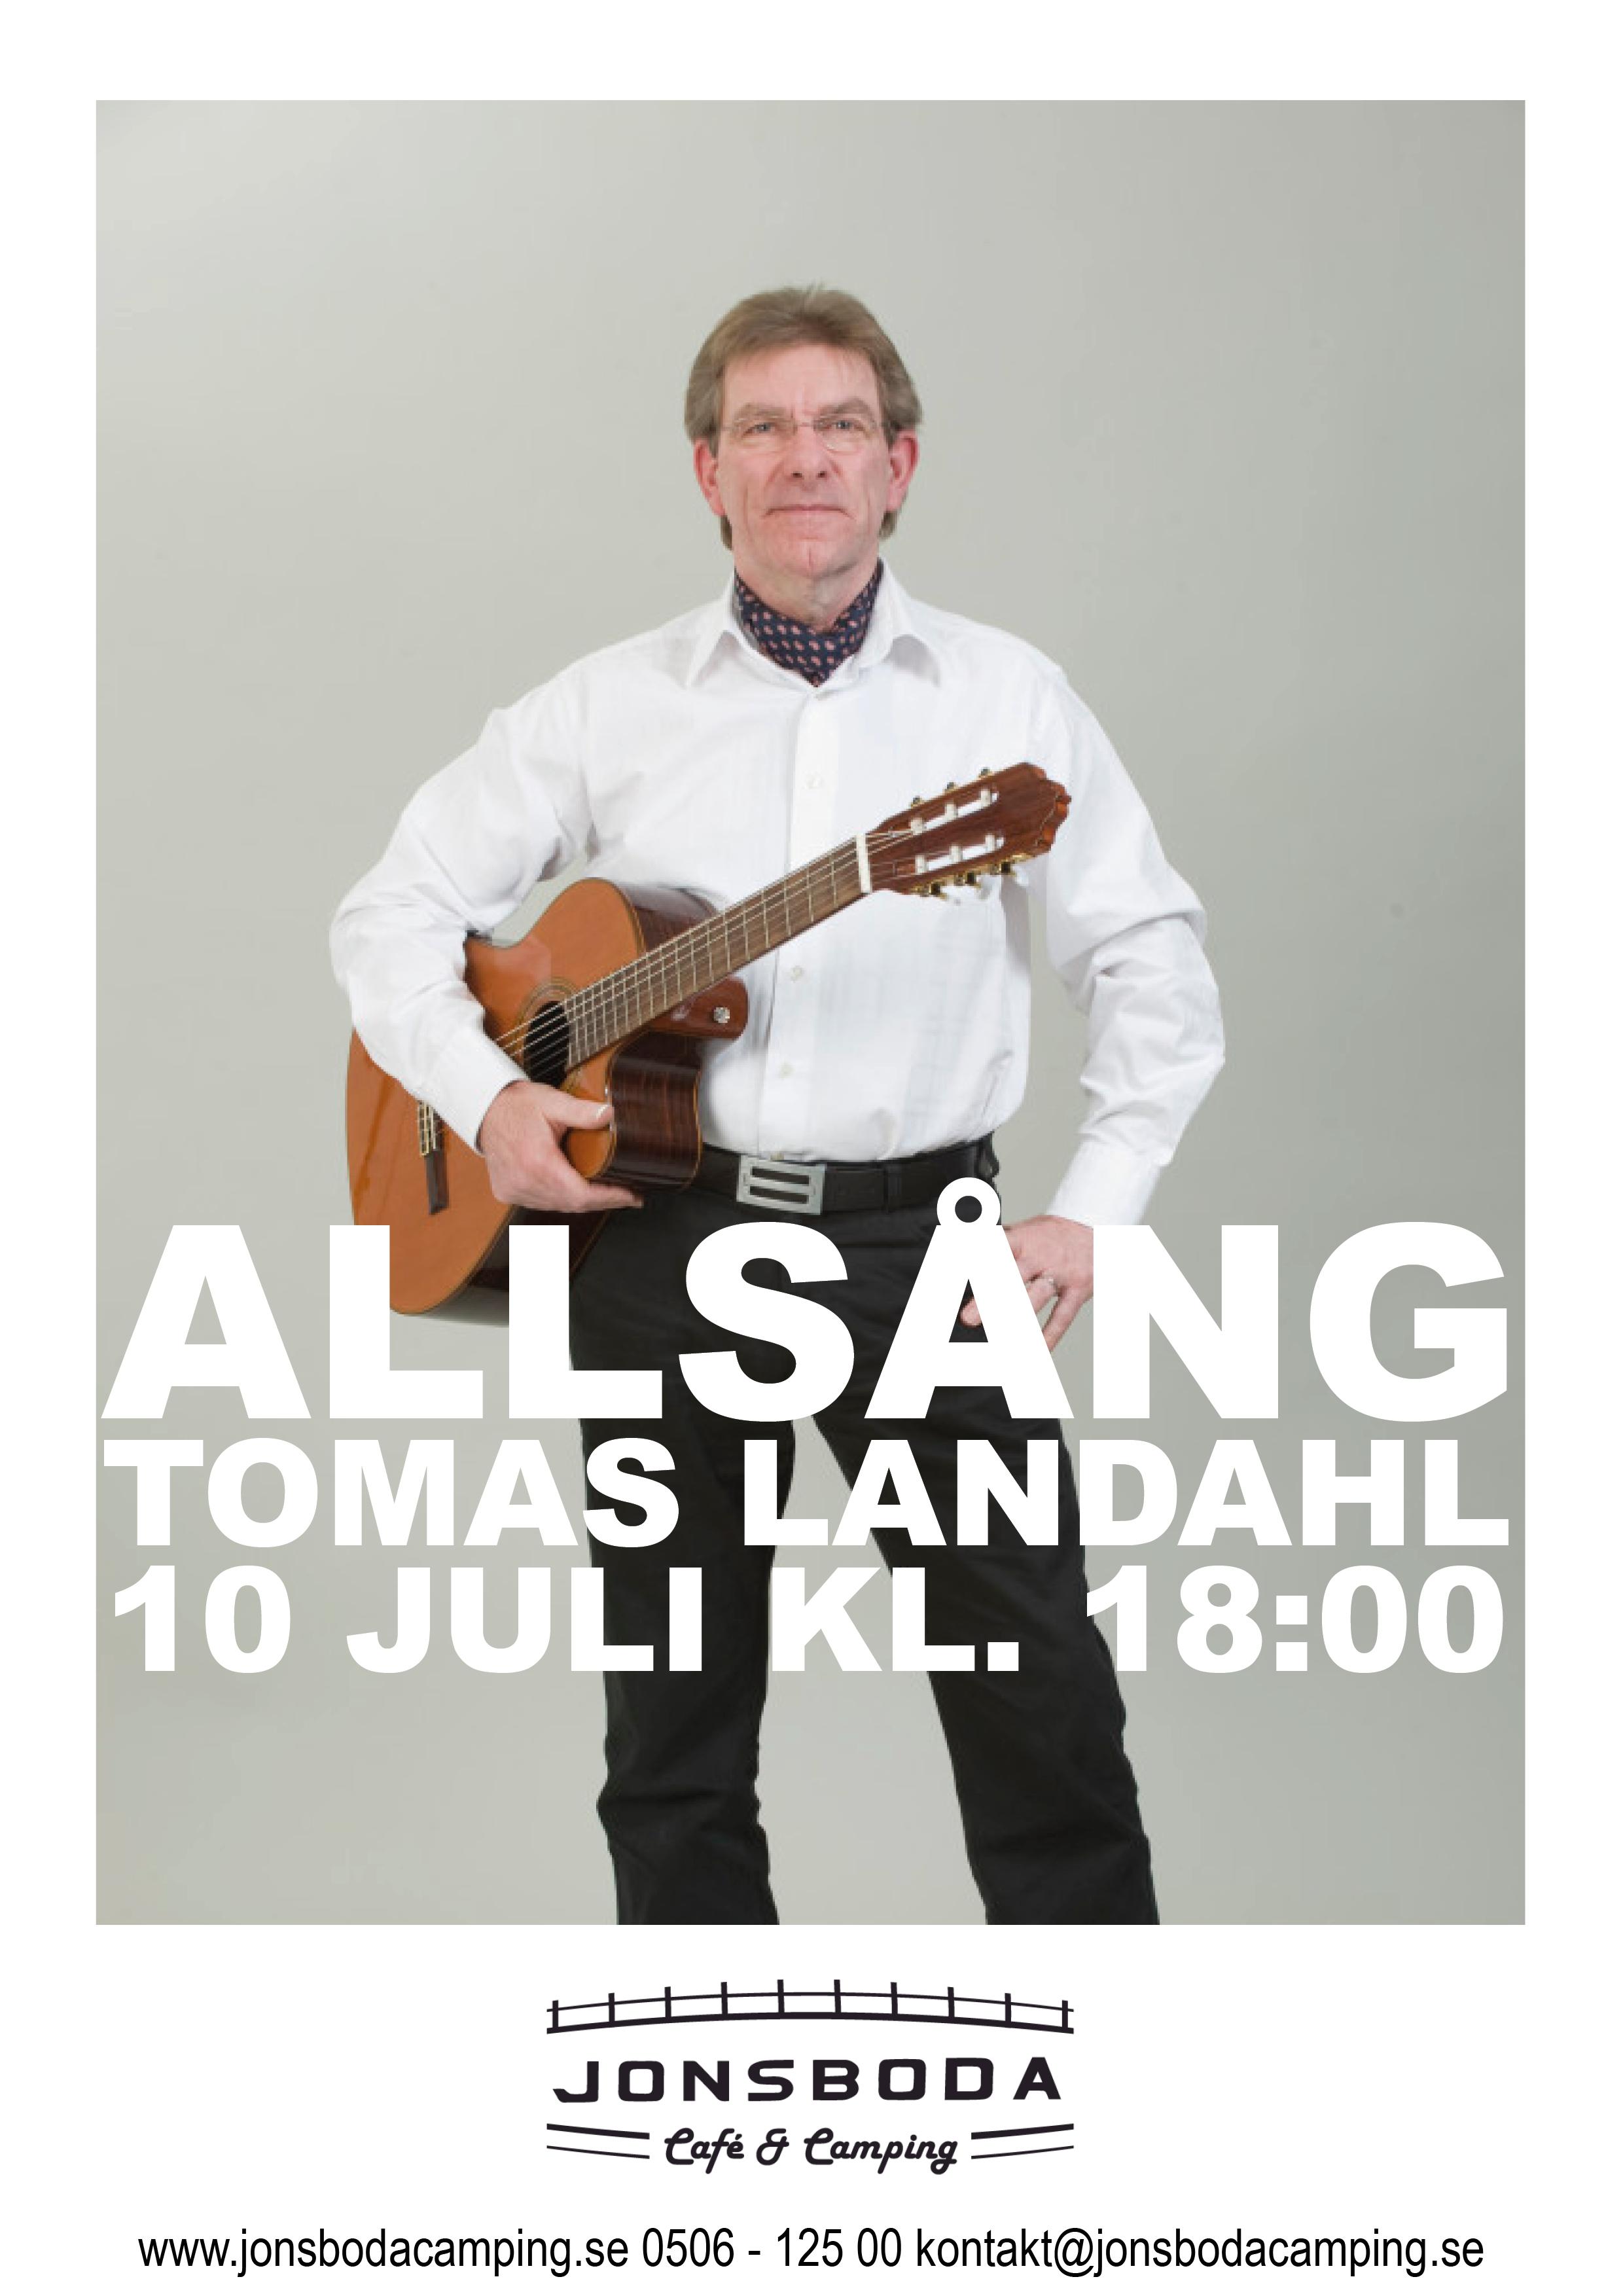 Tomas Landahl uppträder och leder allsång i Jonsboda 10 juli.